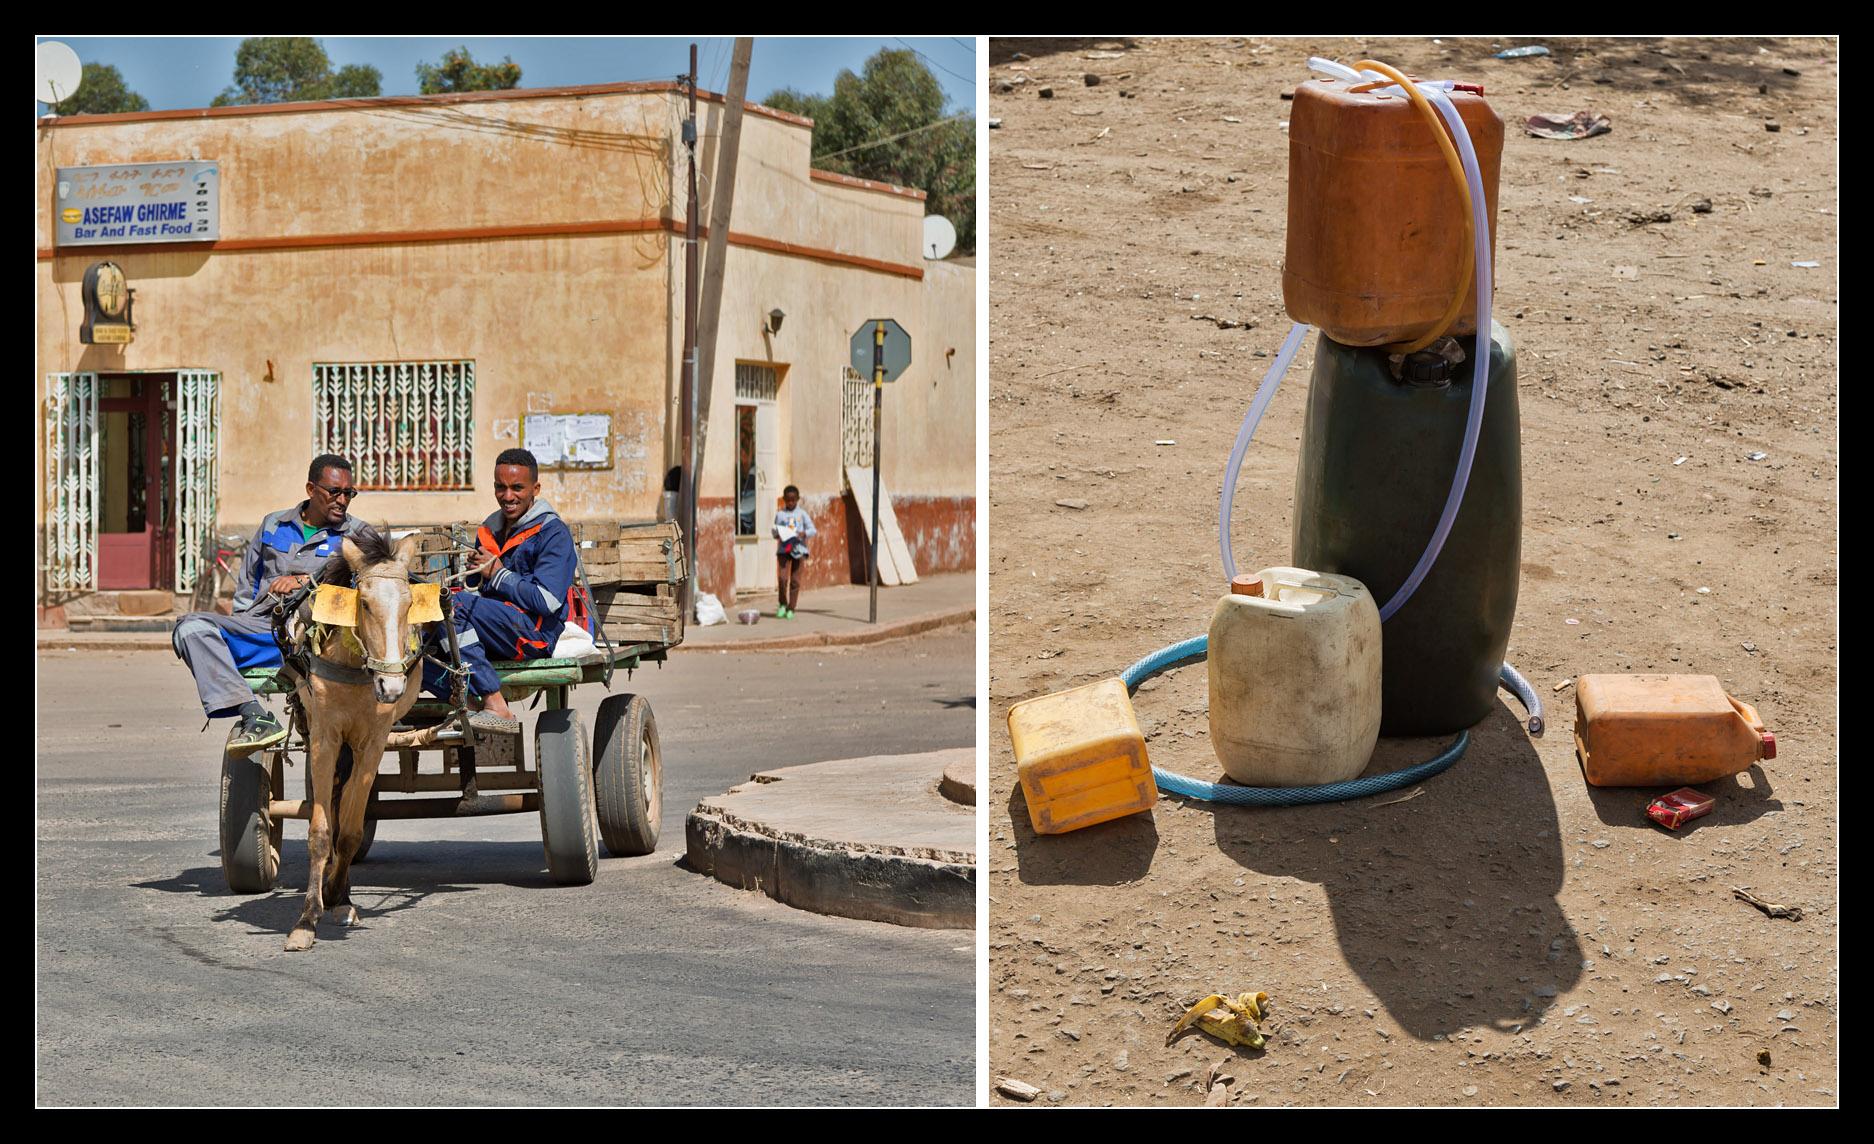 http://raildata.info/eritrea18/eri0935.jpg